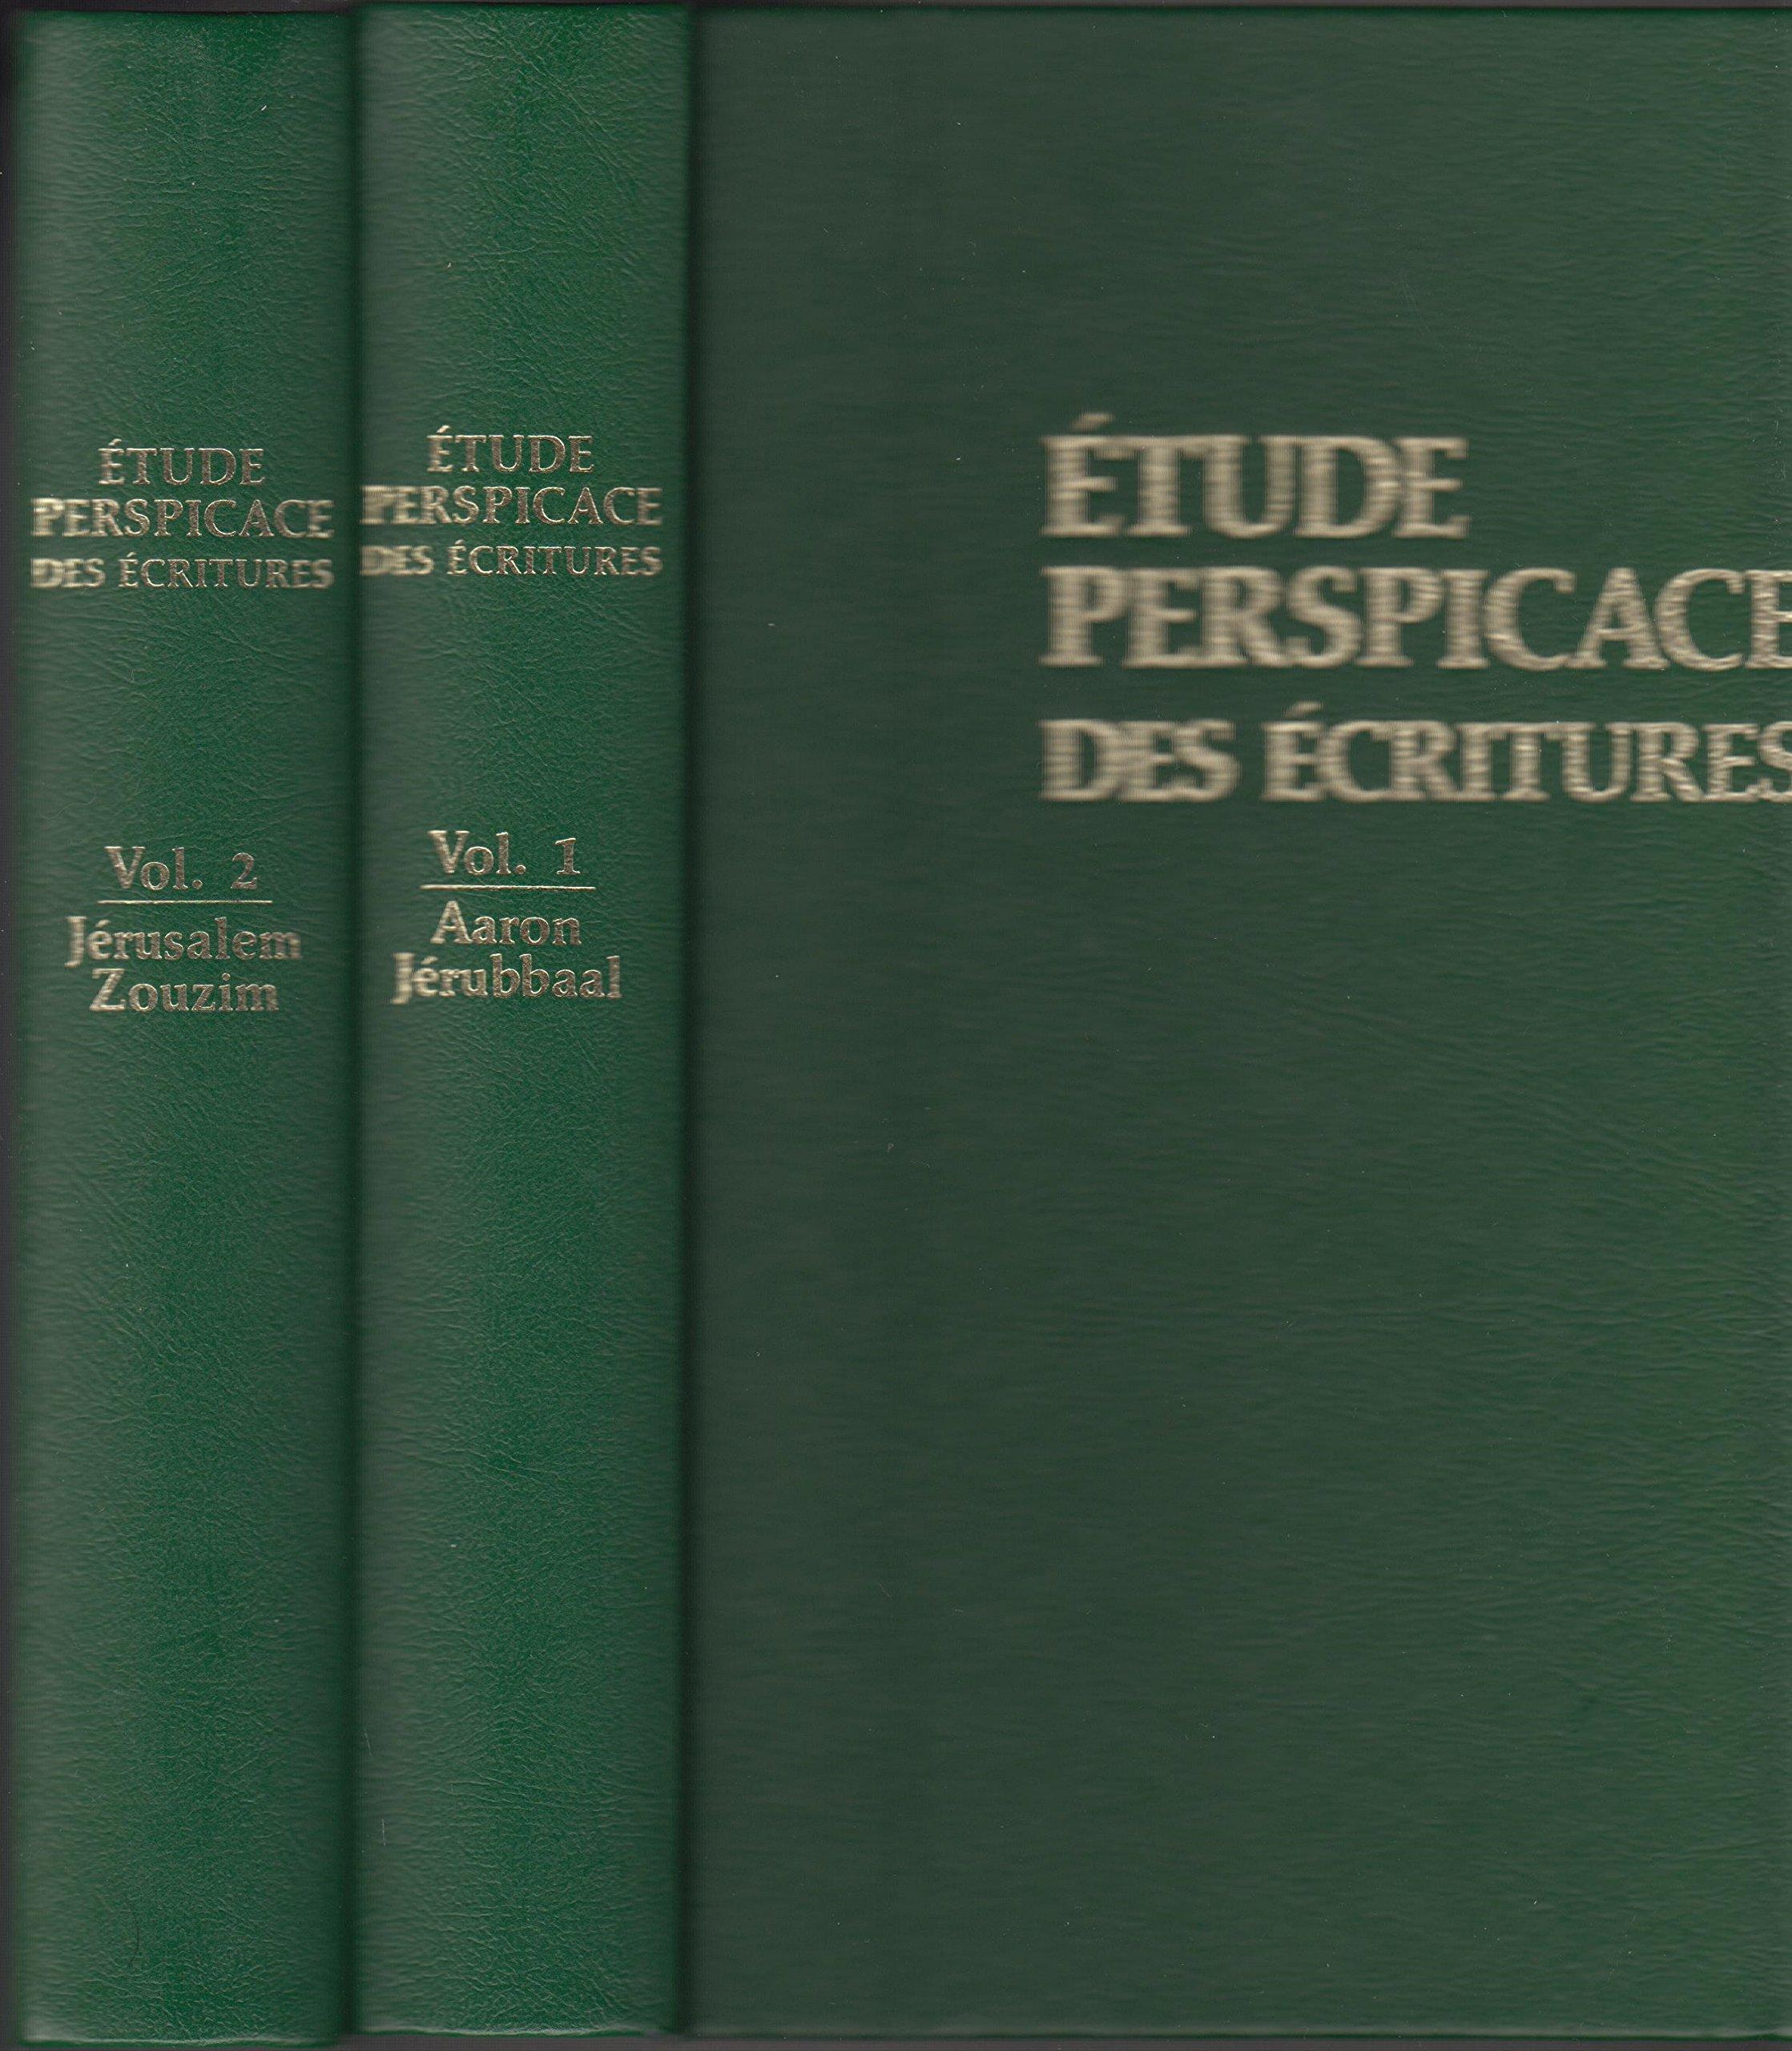 etude perspicace des ecritures